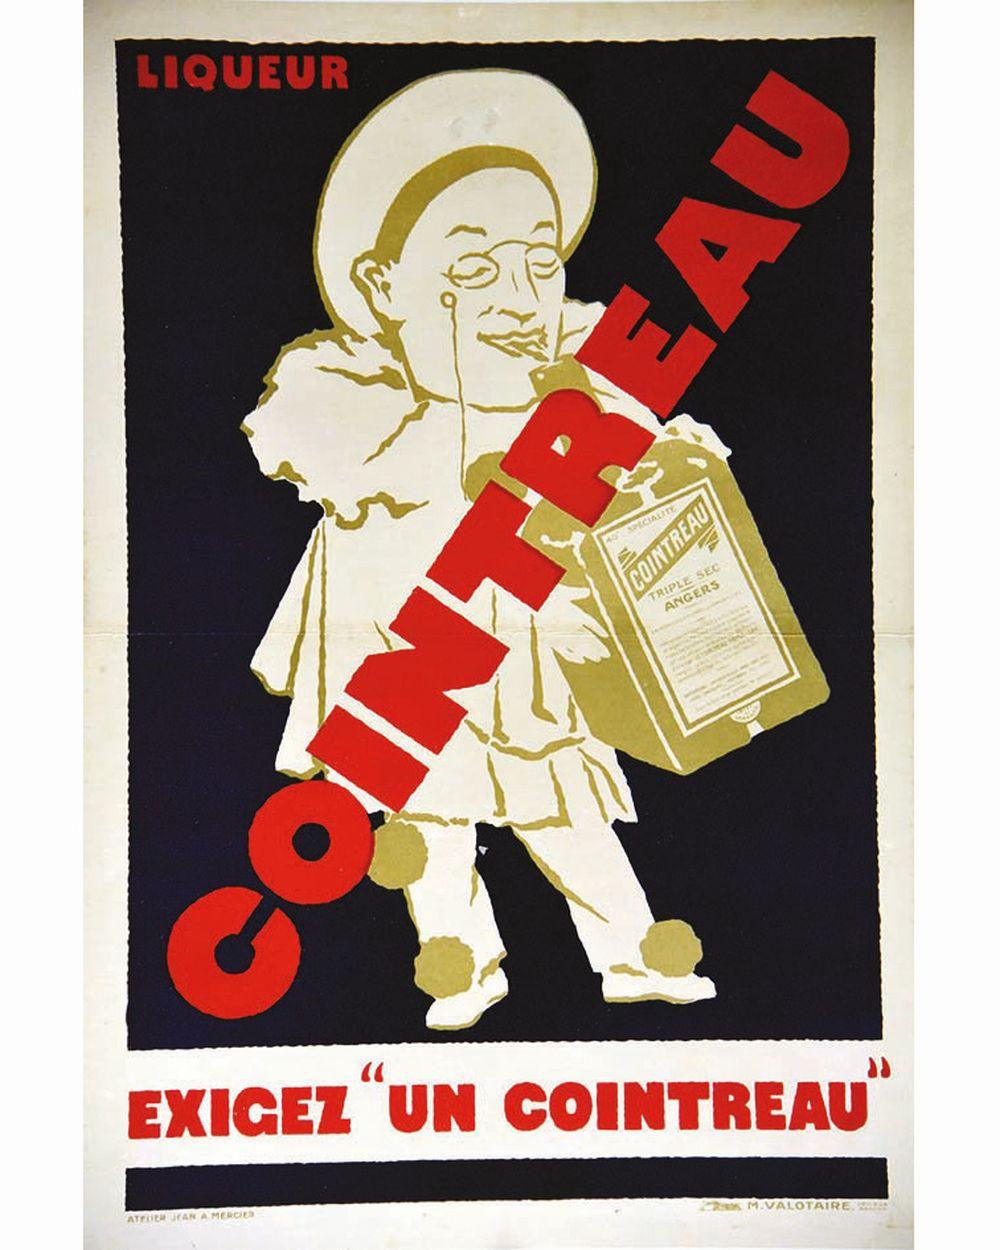 ATELIER JEAN ADRIEN MERCIER - Cointreau Exigez un Cointreau     vers 1930